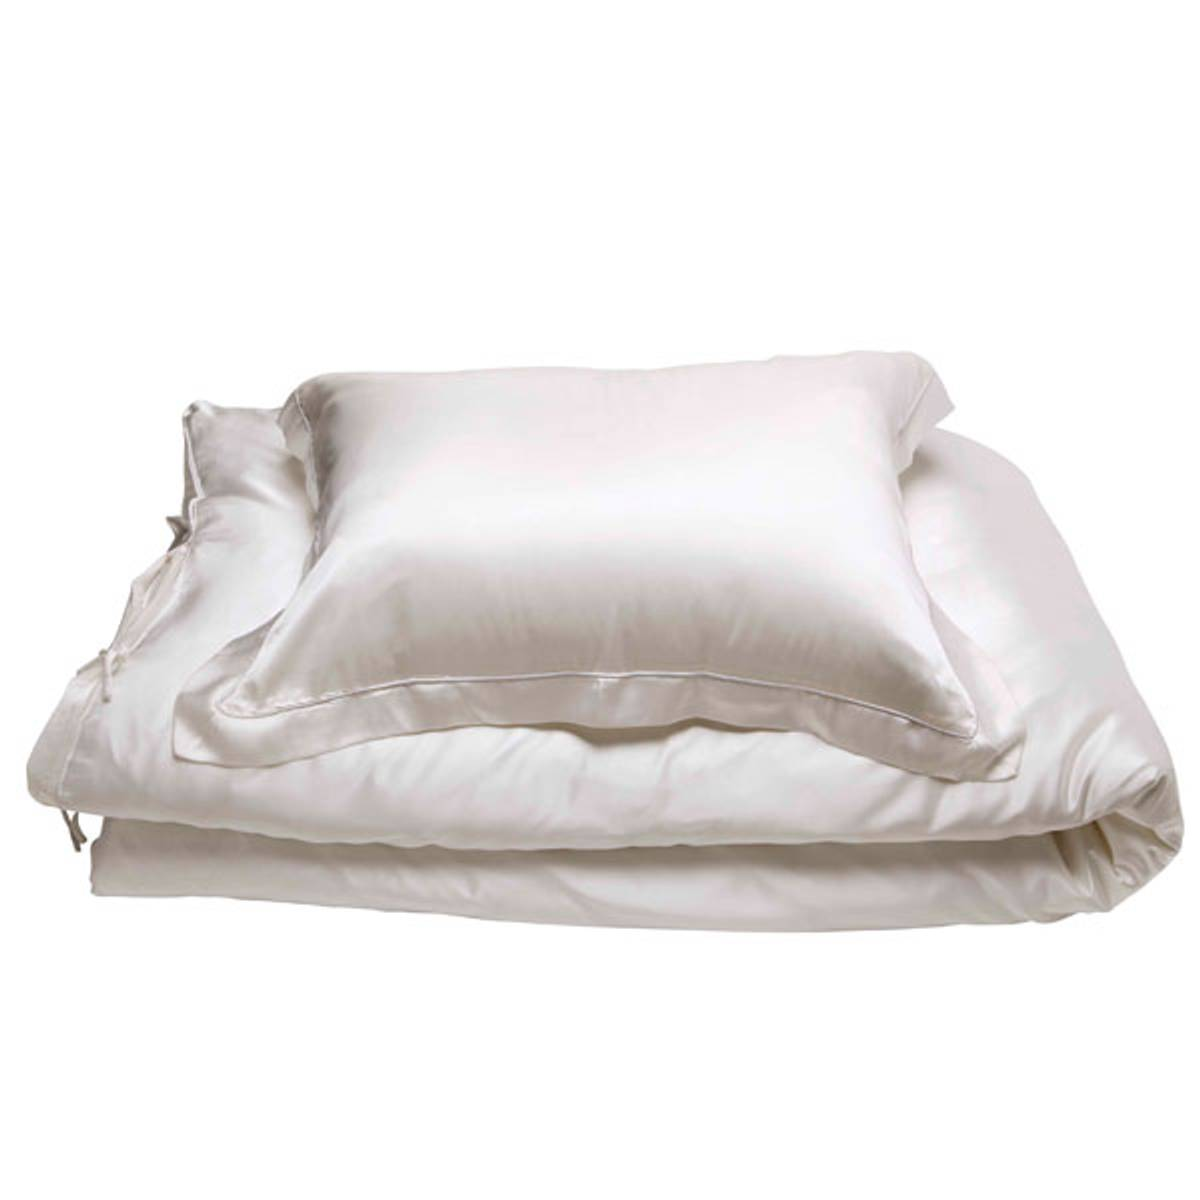 Sengesett i silke - hvit